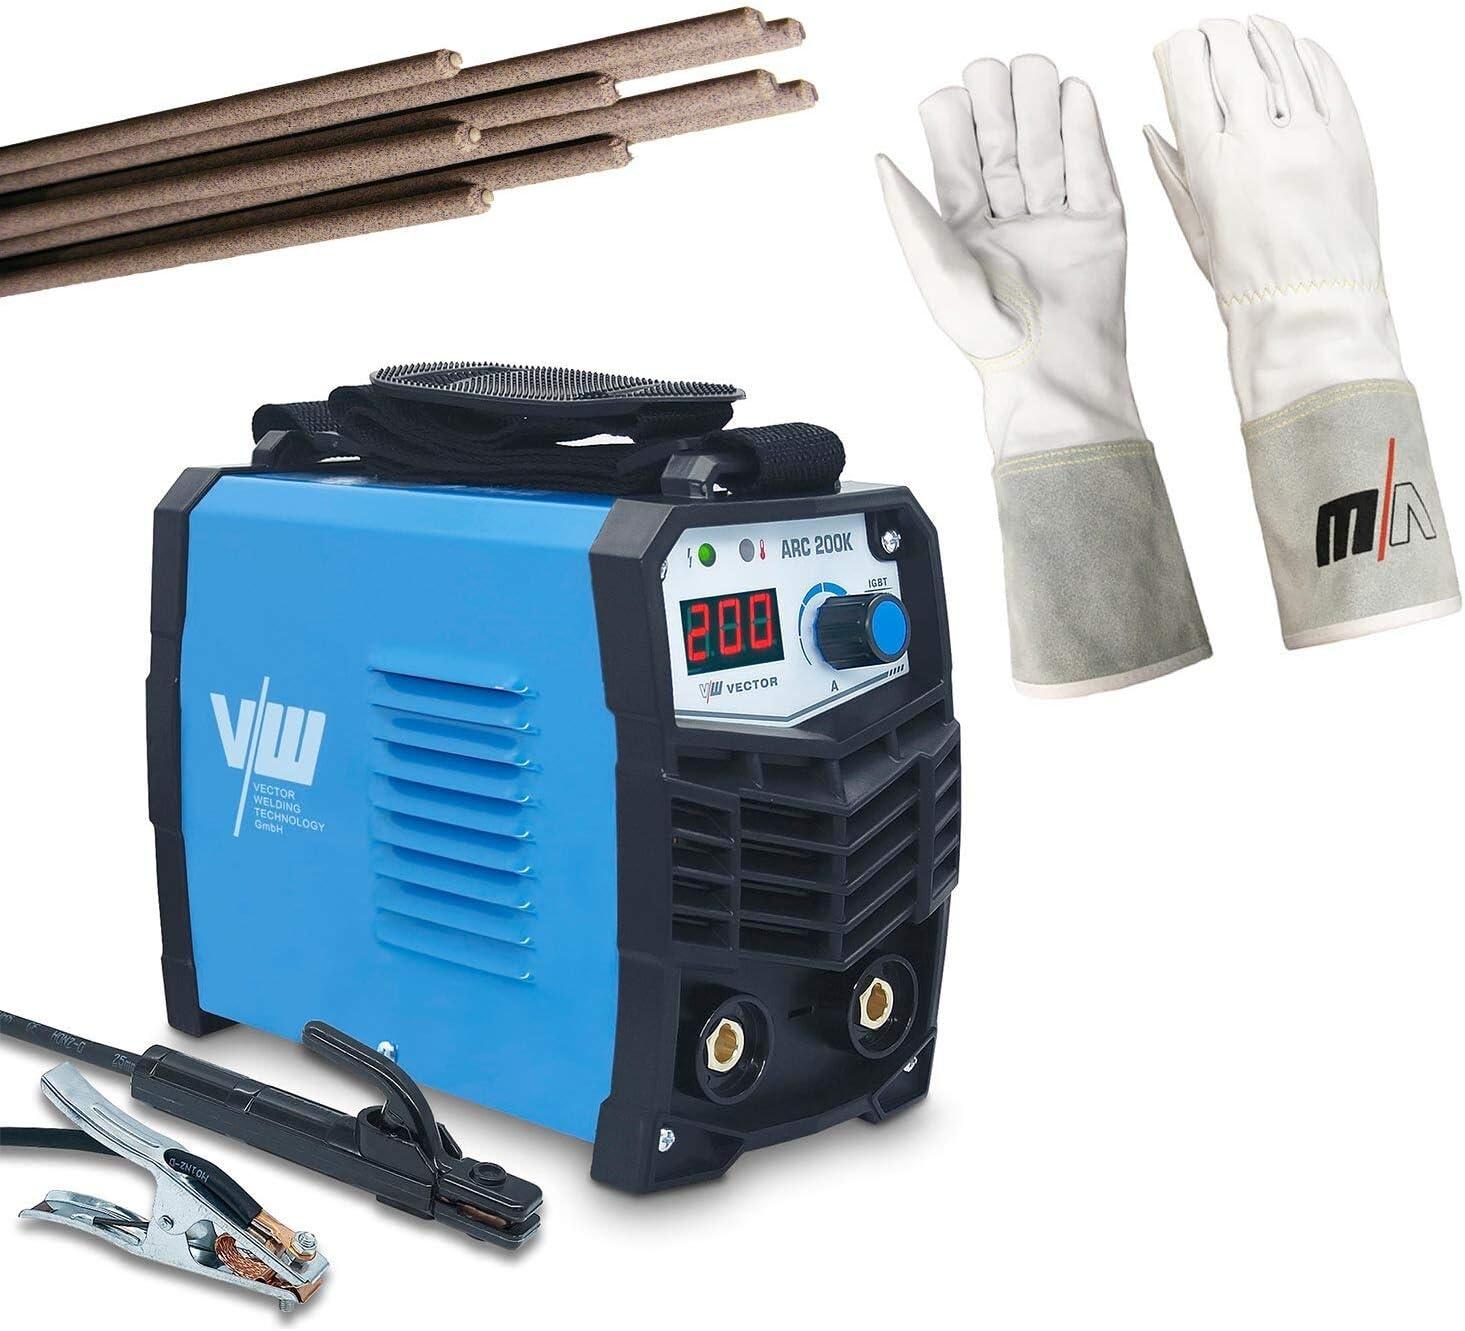 MMA ARC Vector Welding Equipo de soldadura de electrodos con inversor de 200 amperios IGBT Mini Welder para soldadura de acero inoxidable